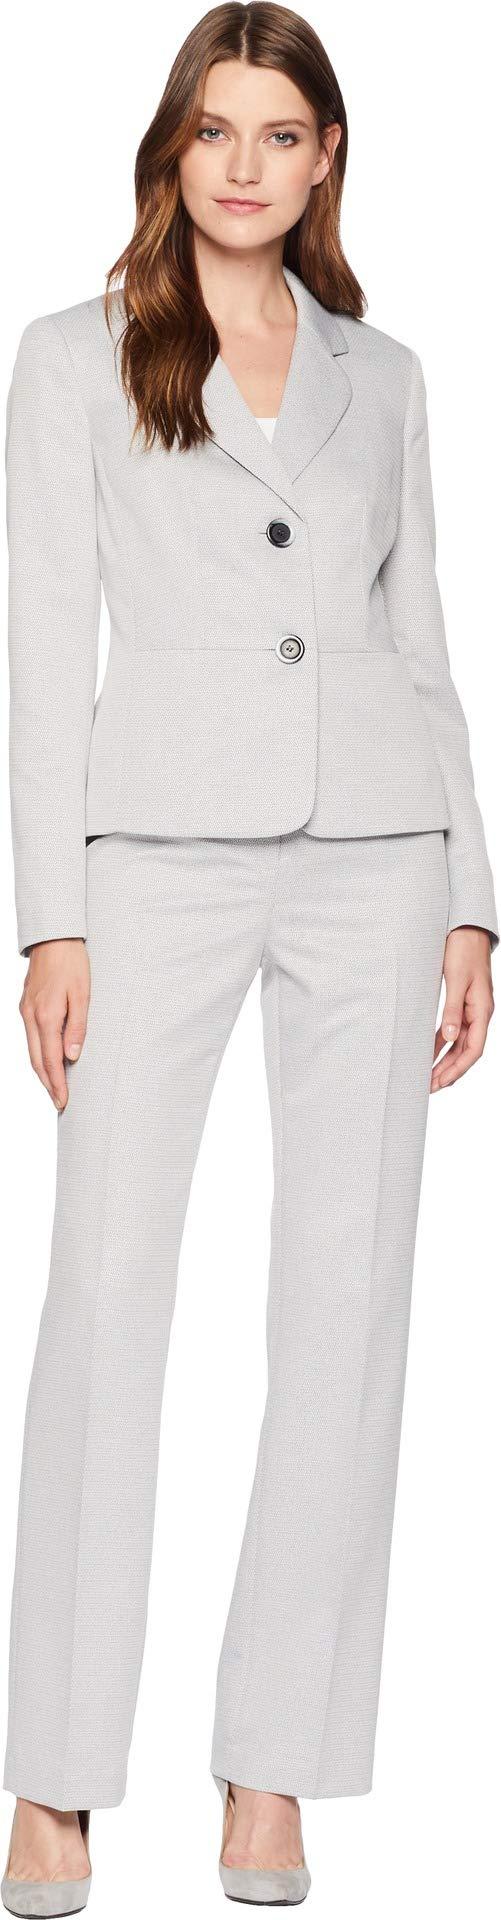 Le Suit Women's Textured 2 Bttn Notch Lapel Pant Suit, Grey Stone, 6